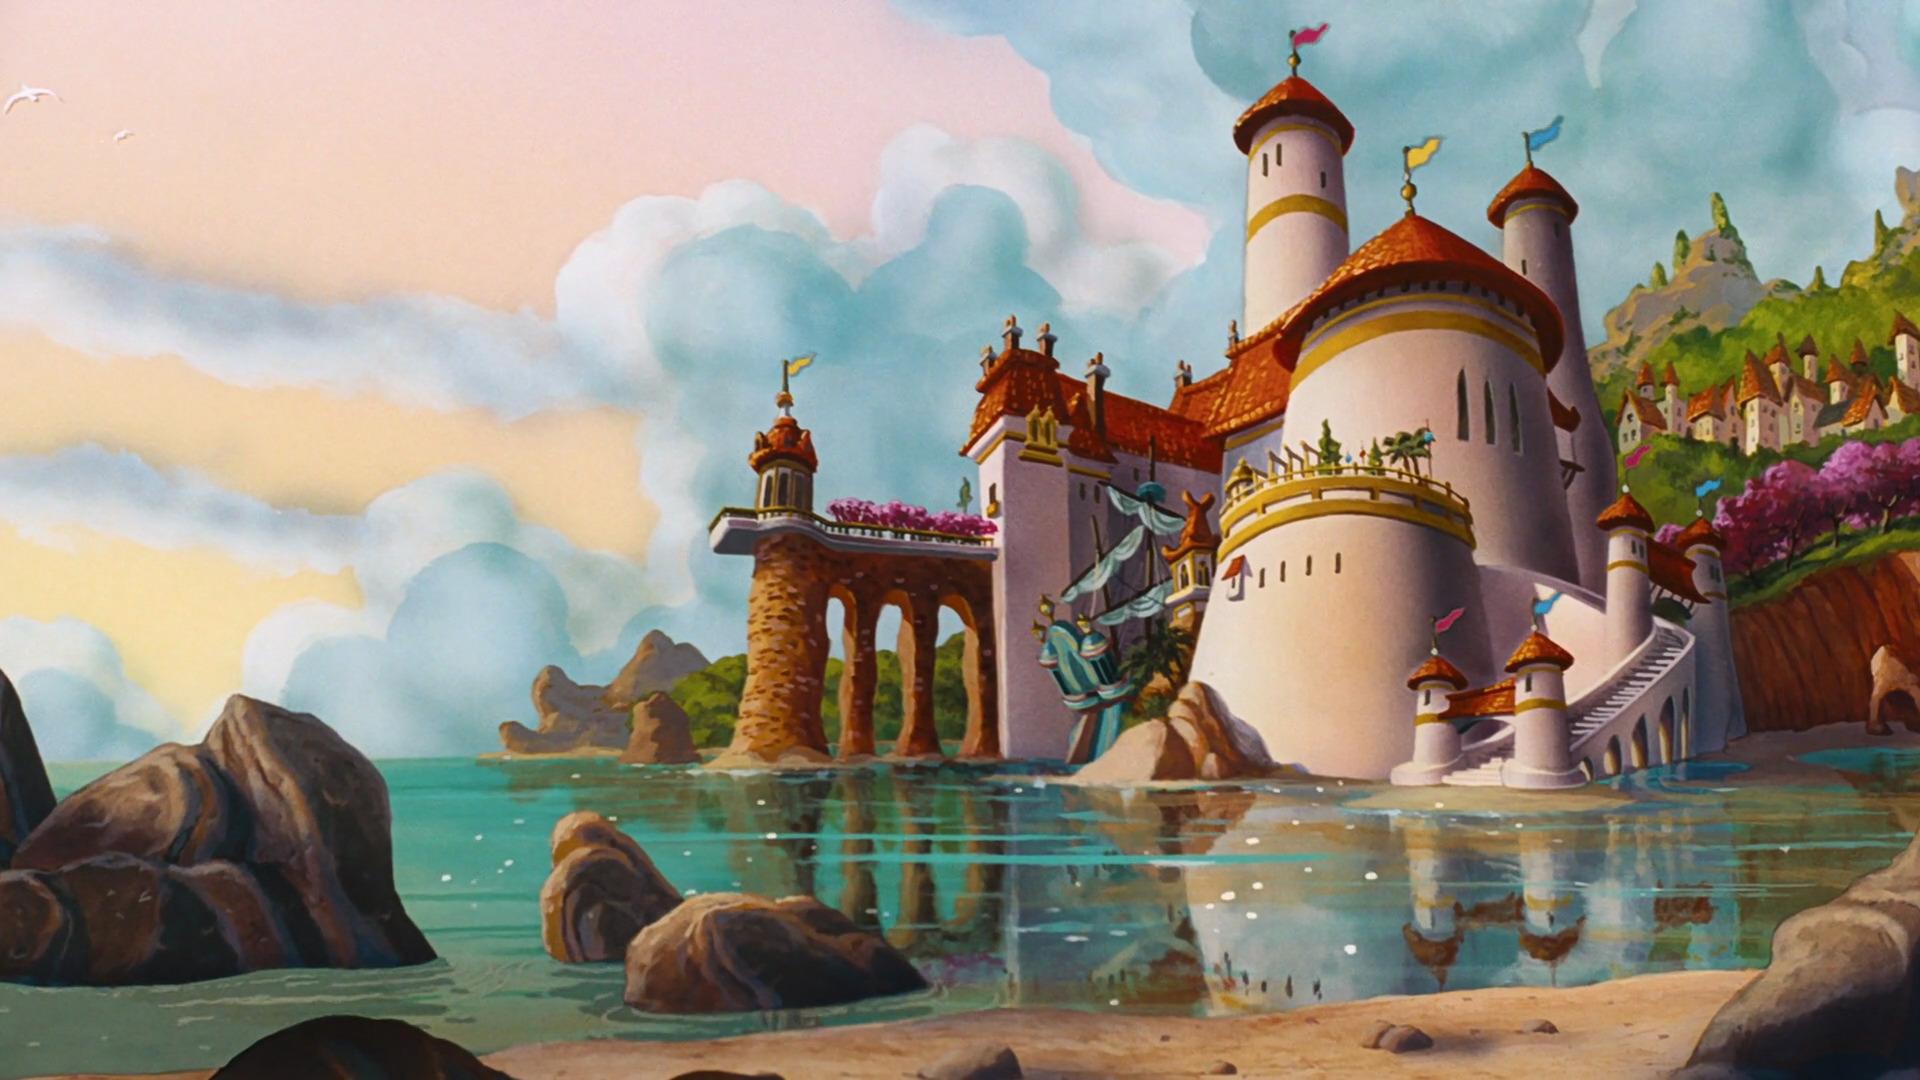 prince eric s castle disney wiki fandom powered by wikia